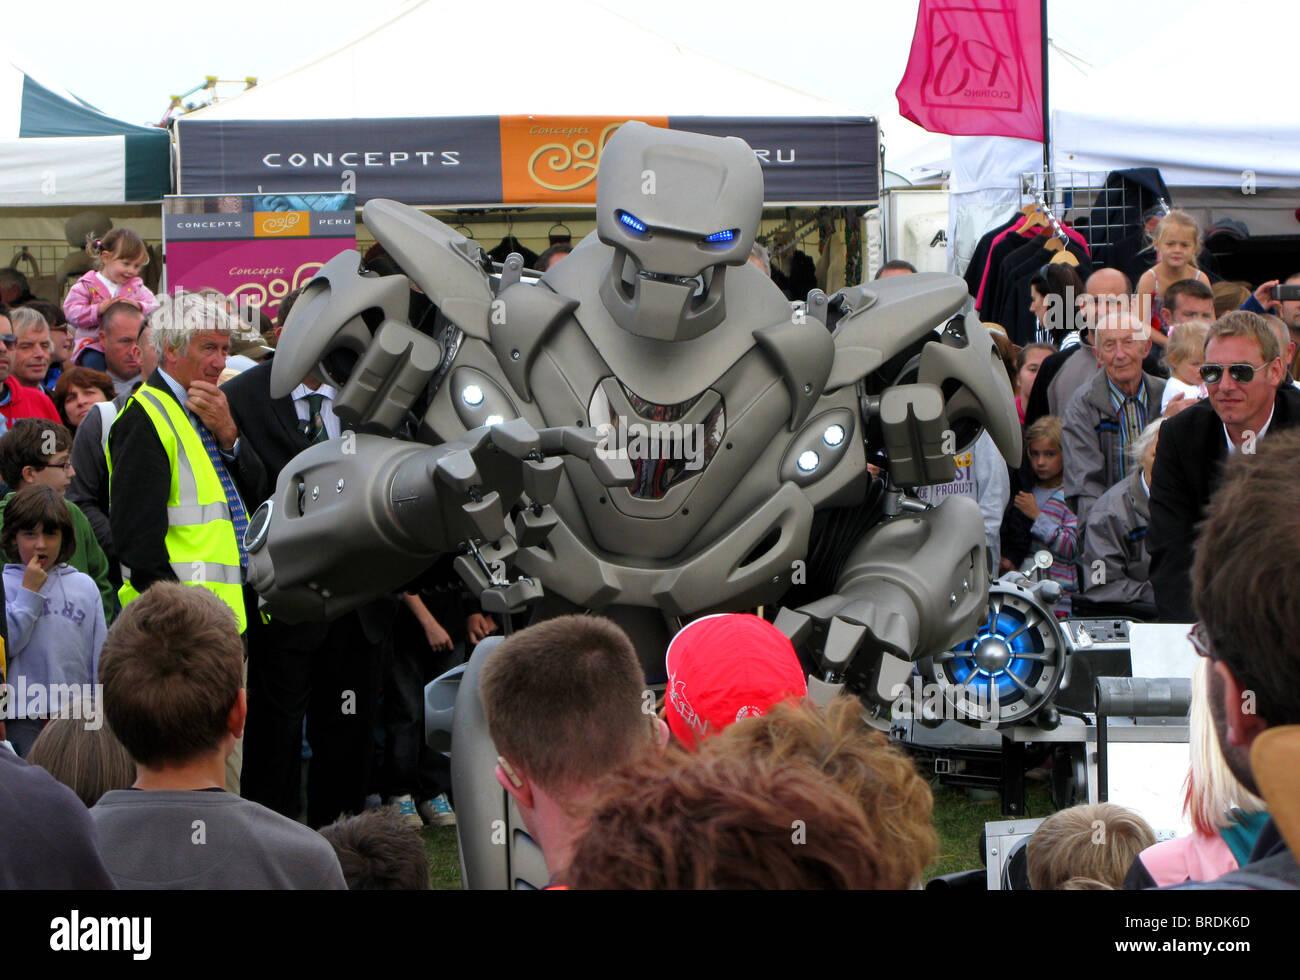 Titan the robot - Stock Image